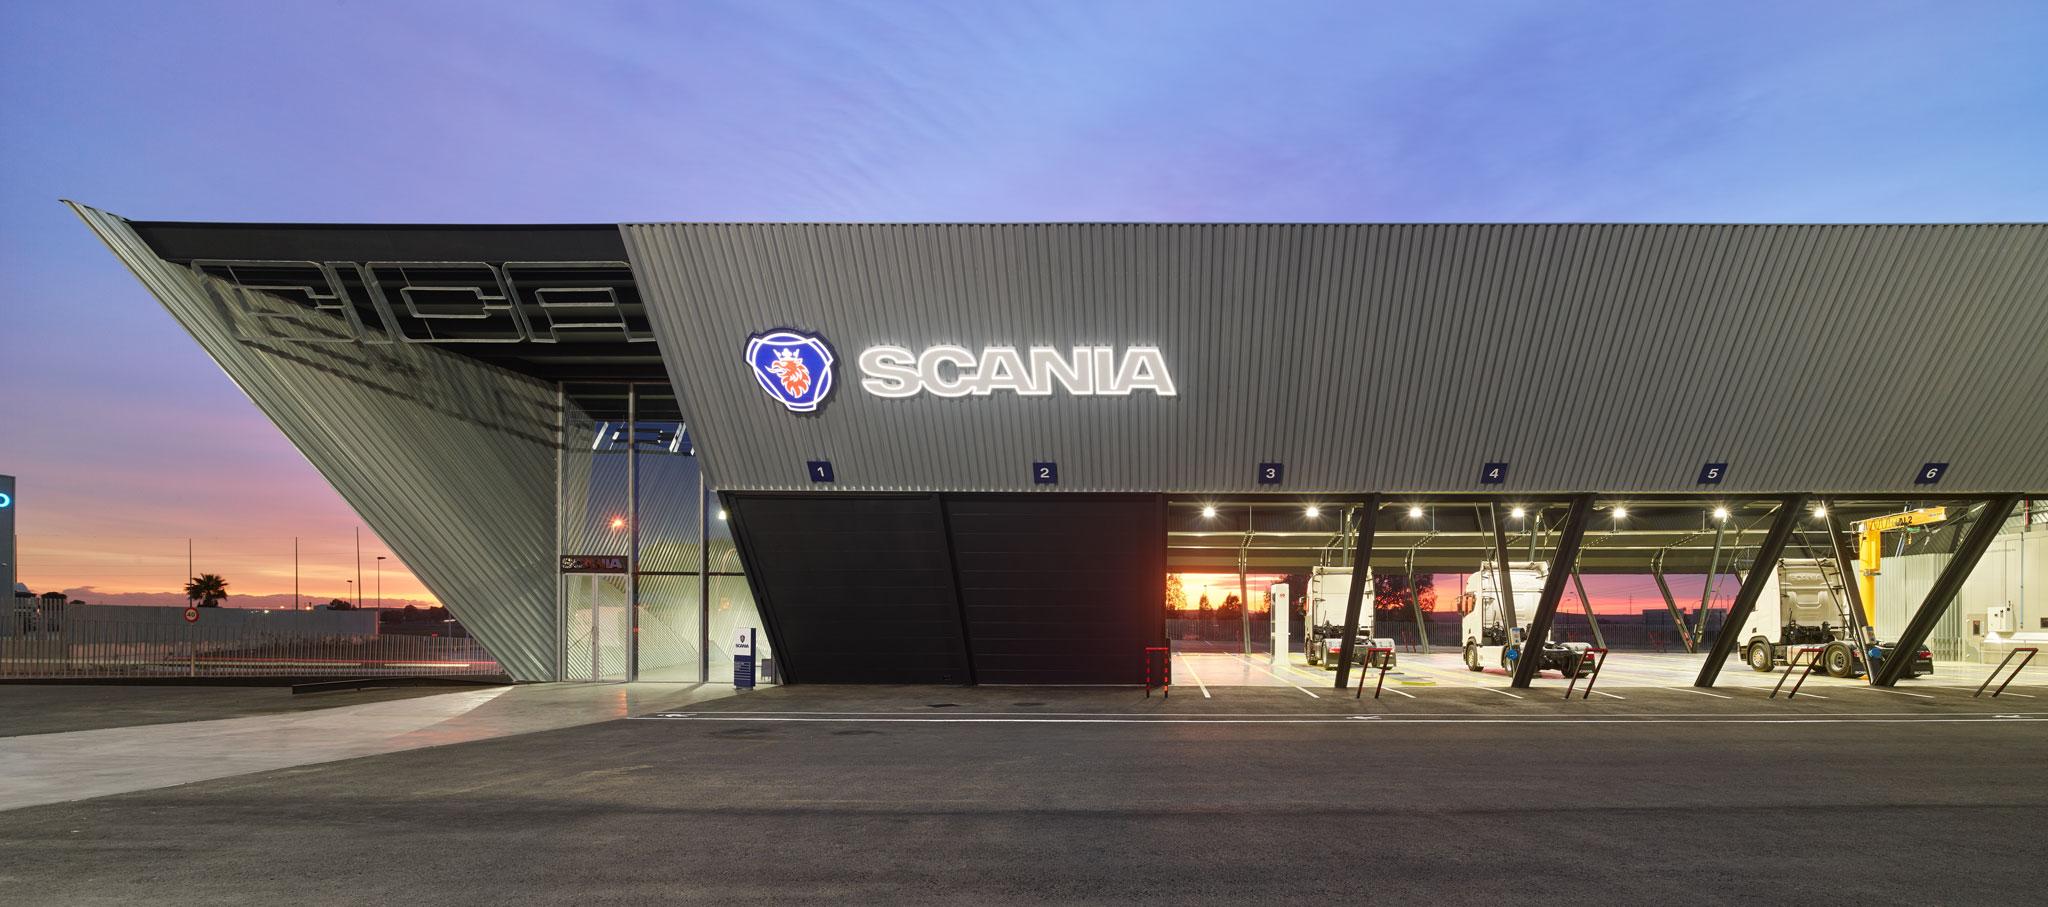 Nuevas instalaciones de Scania por EOVASTUDIO arquitectos. Fotografía por Roland Halbe